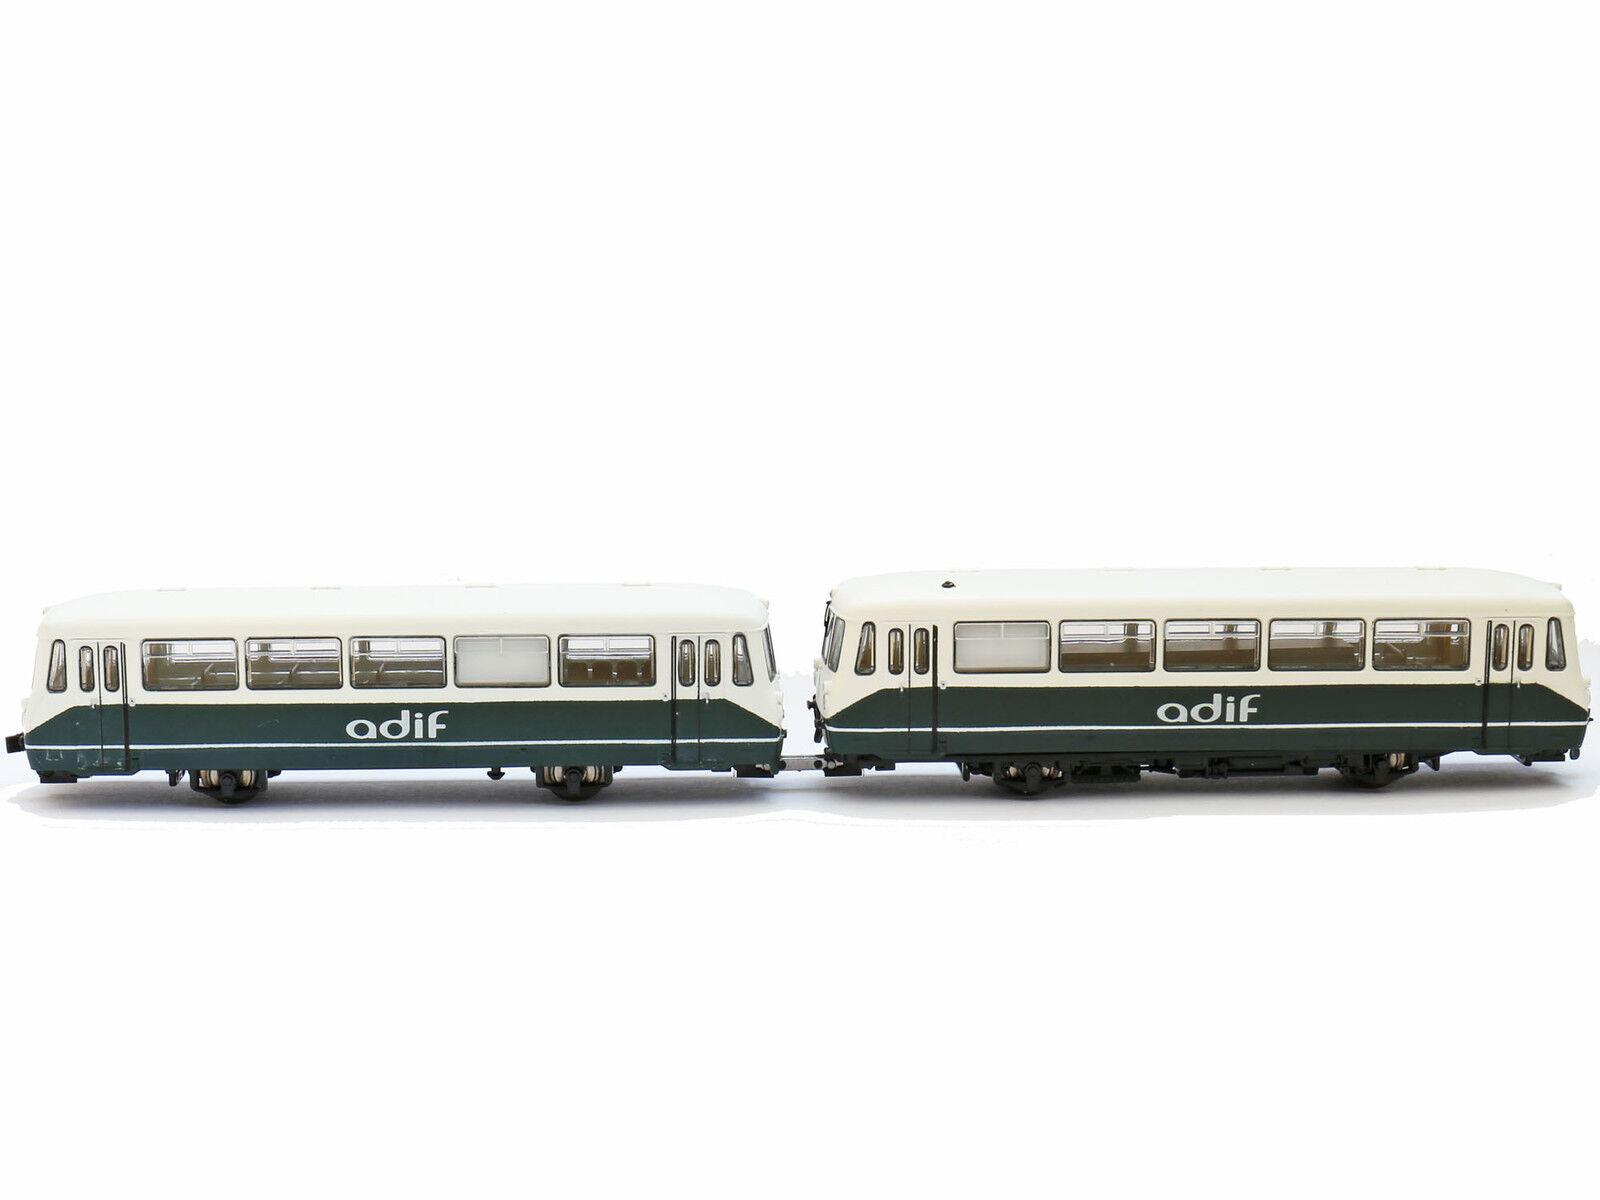 excelentes precios Brawa 64310-dieseltriebw. br br br 172 adif EP. V-pista N-nuevo  ventas directas de fábrica